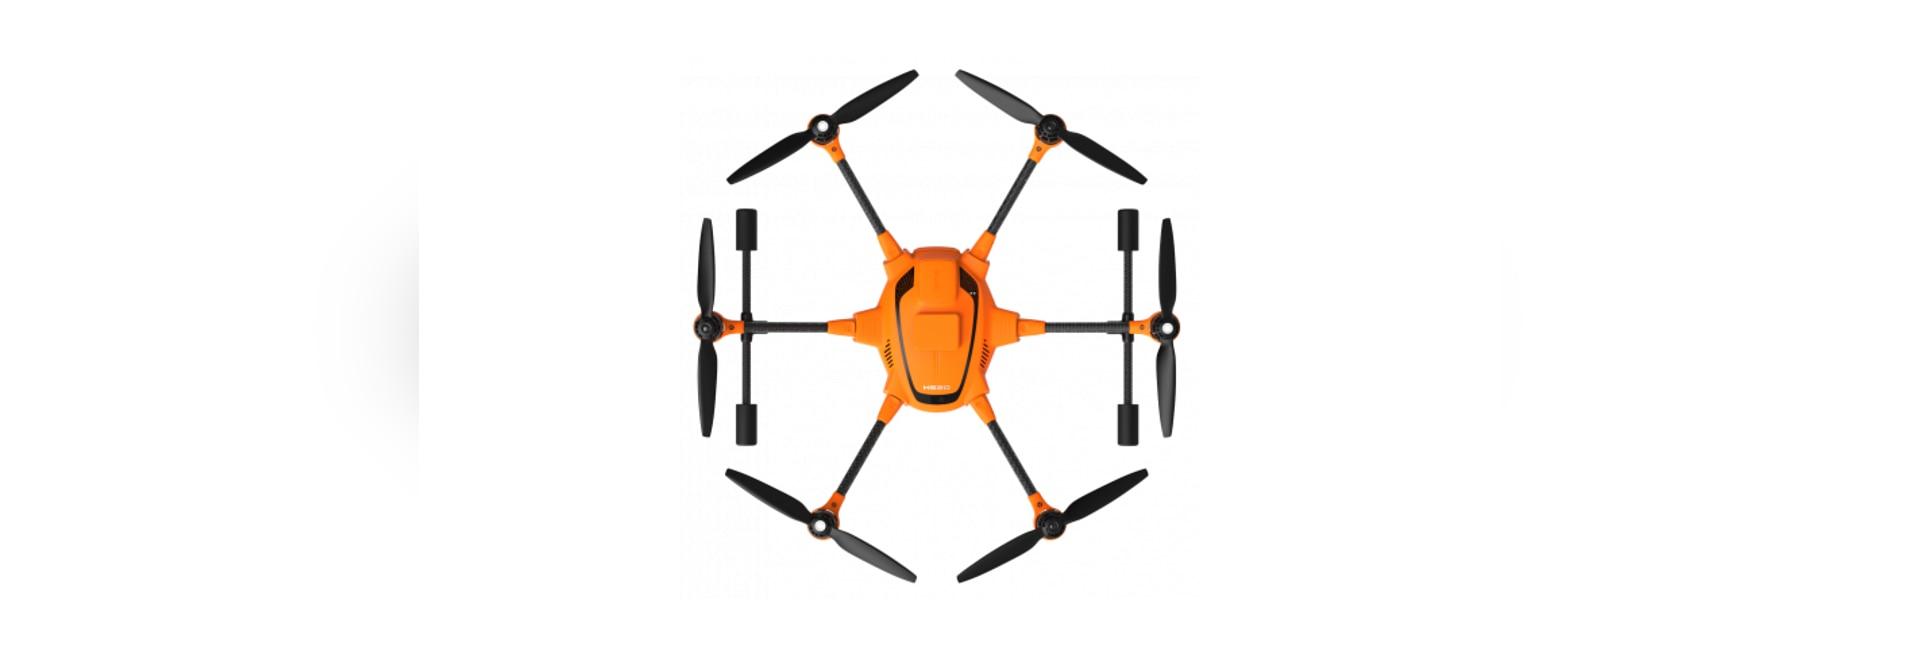 Yuneec H520 Hexacopter comercial con RTK